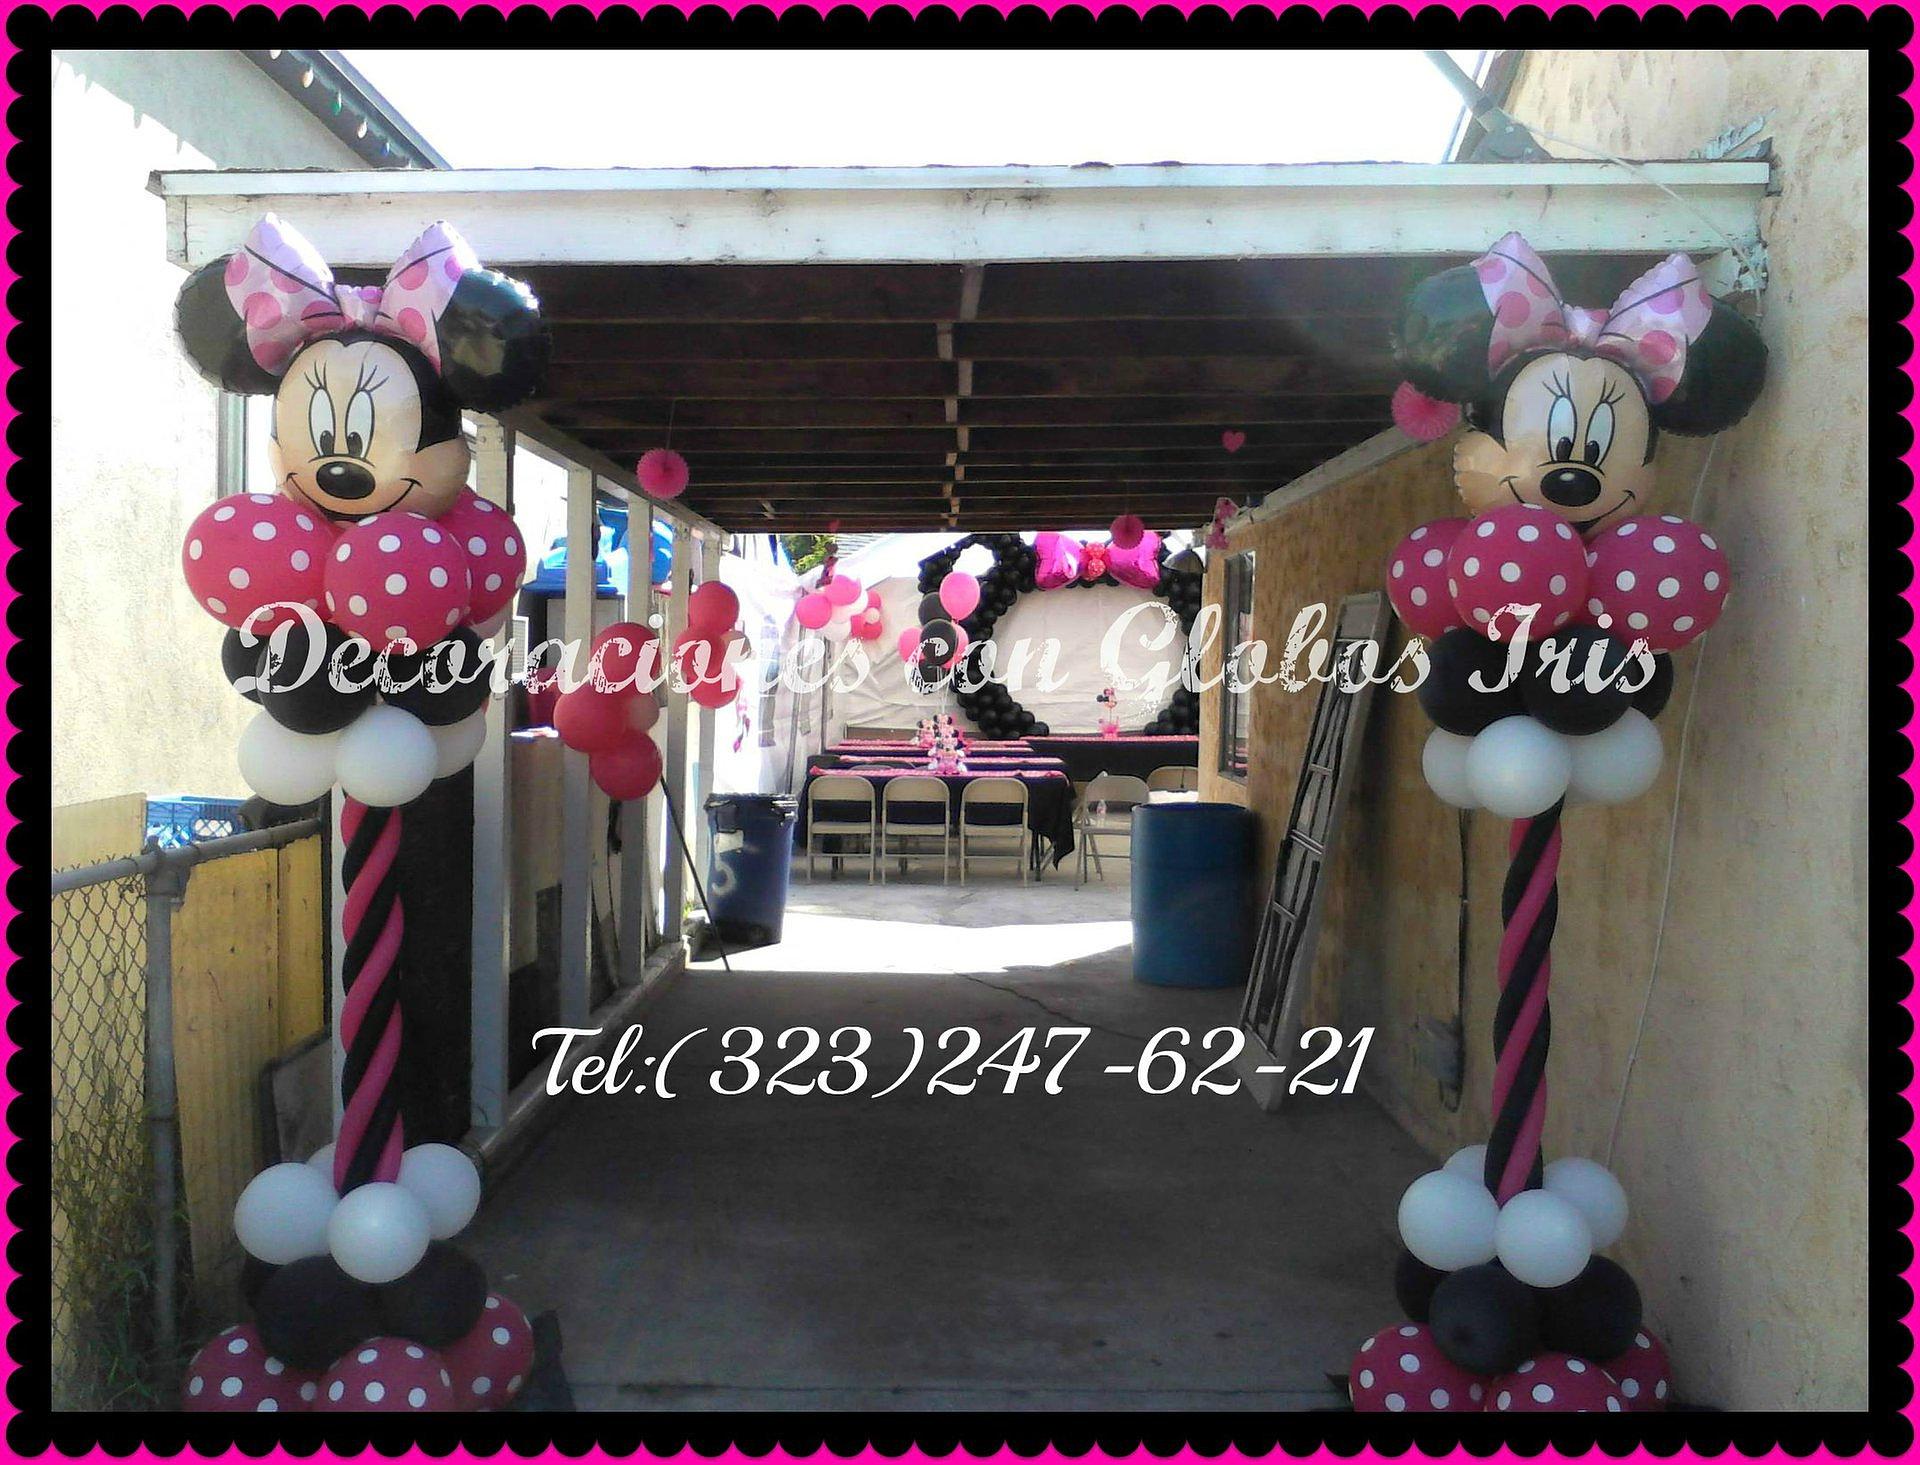 Decoraciones con globos iris decoracion minnie mouse for Decoracion minnie mouse